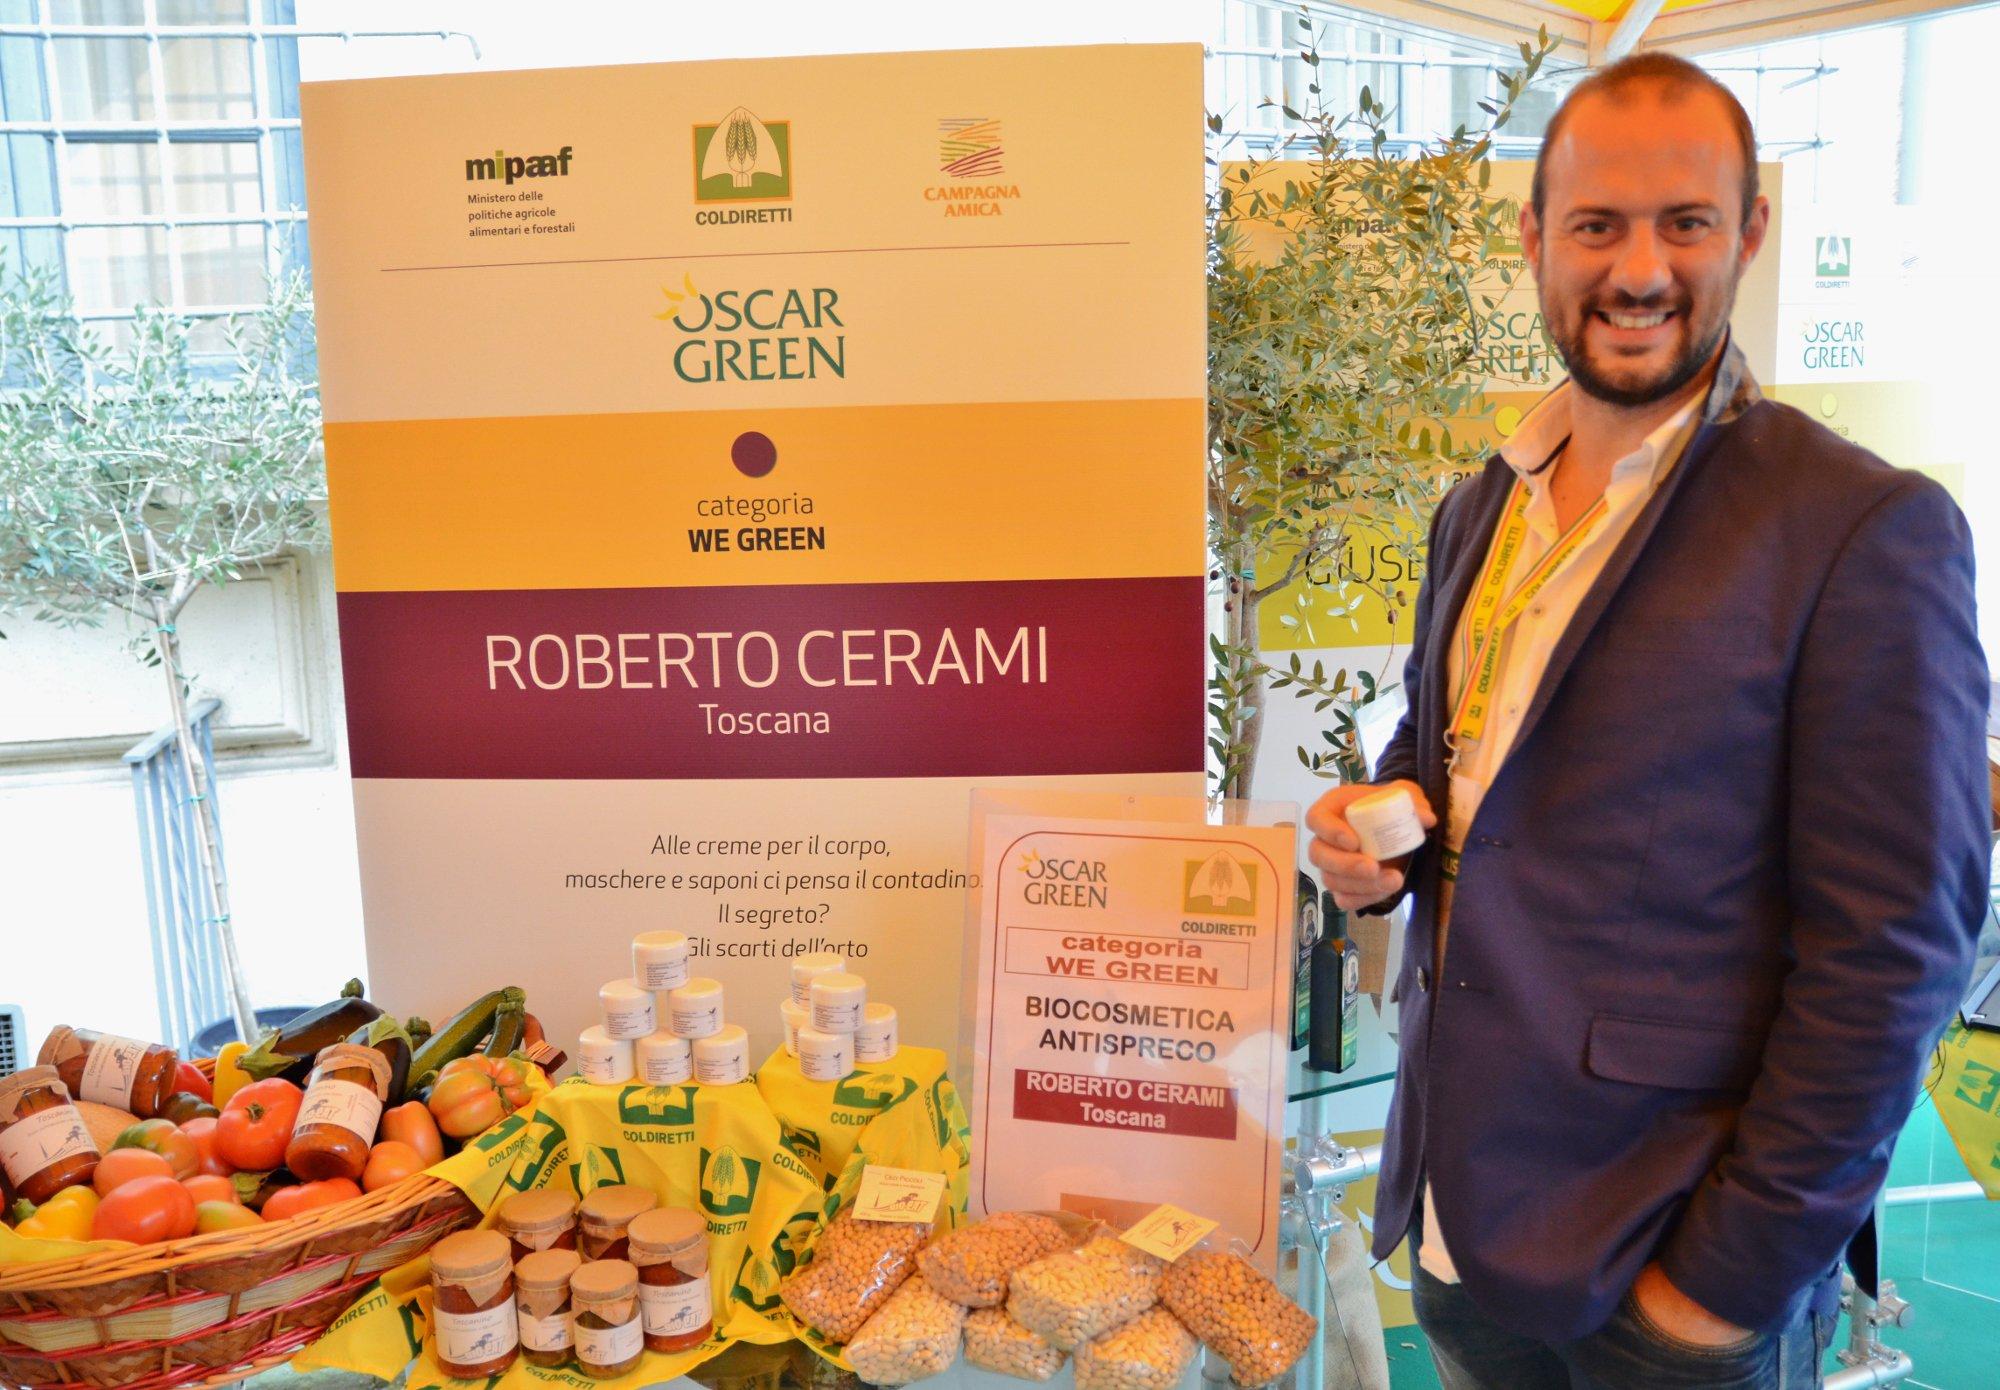 Oscar Green 2016 Roberto Cerami